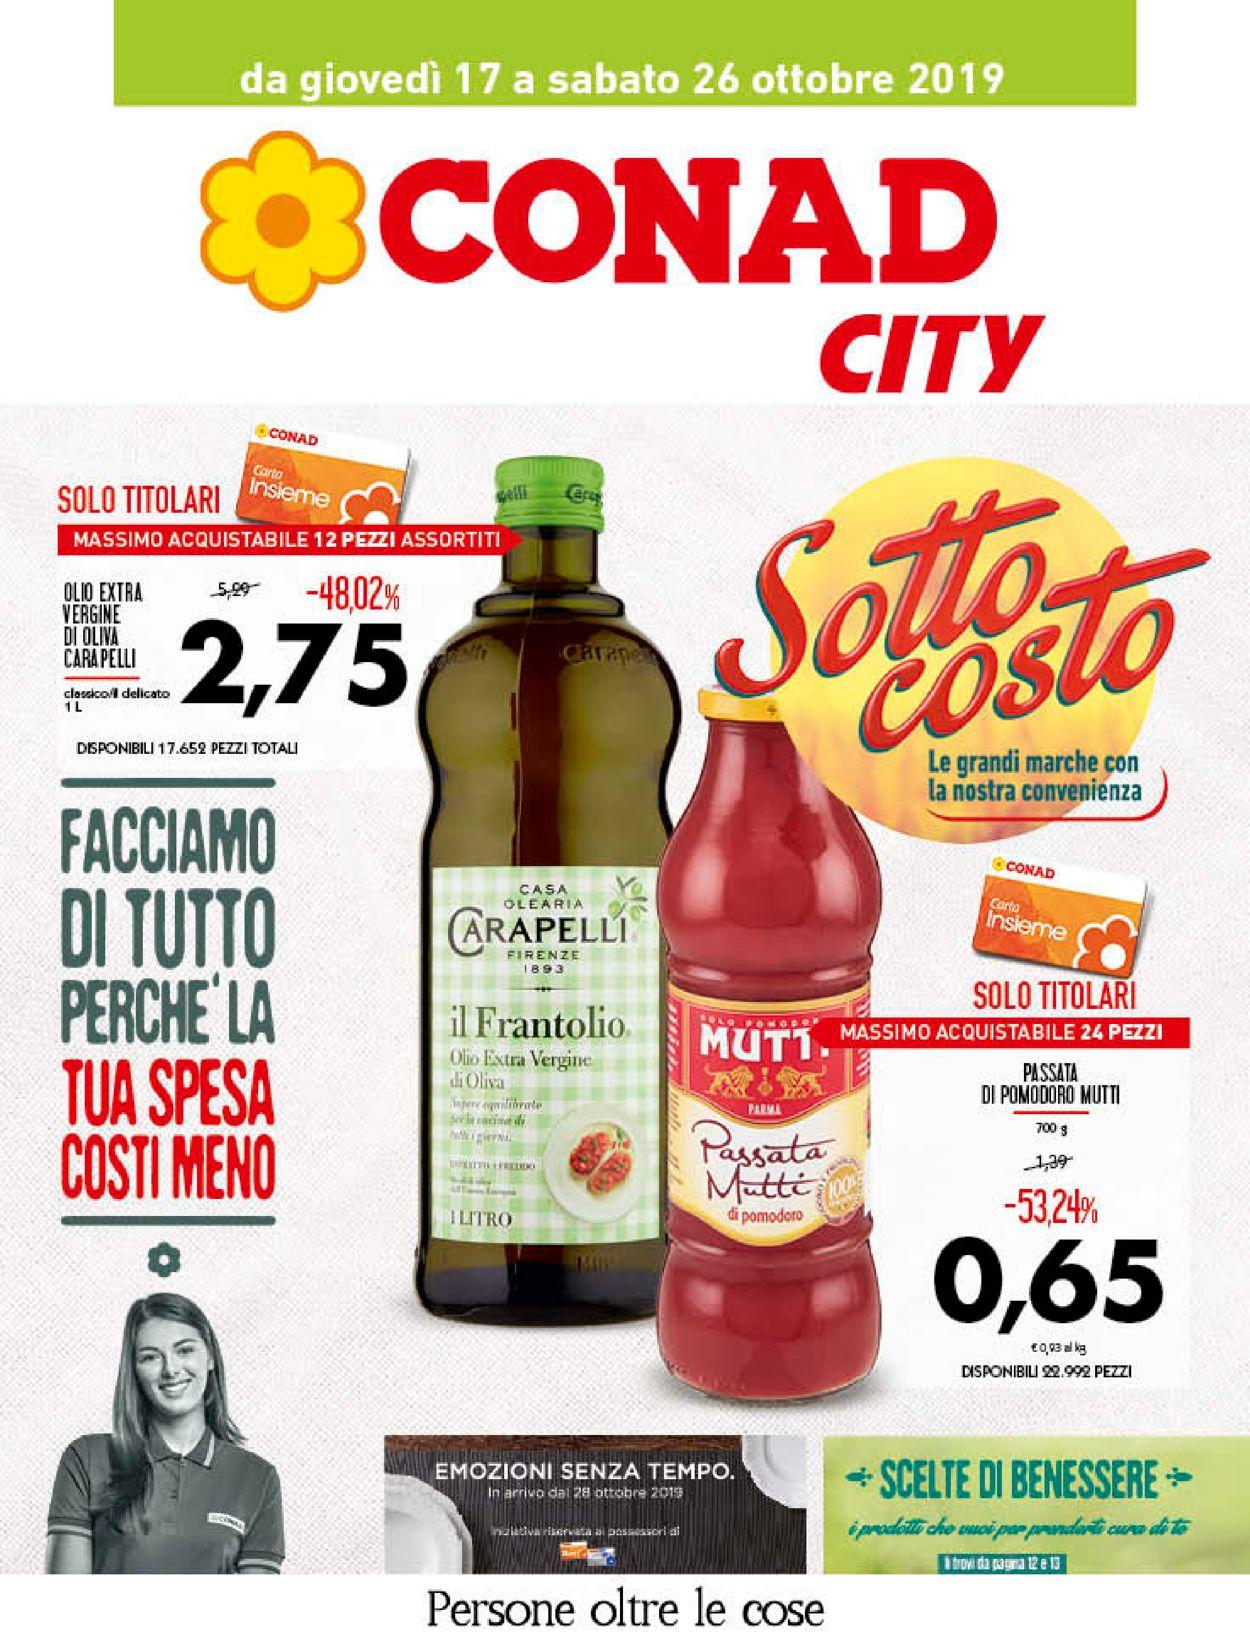 Volantino Conad - Offerte 17/10-26/10/2019